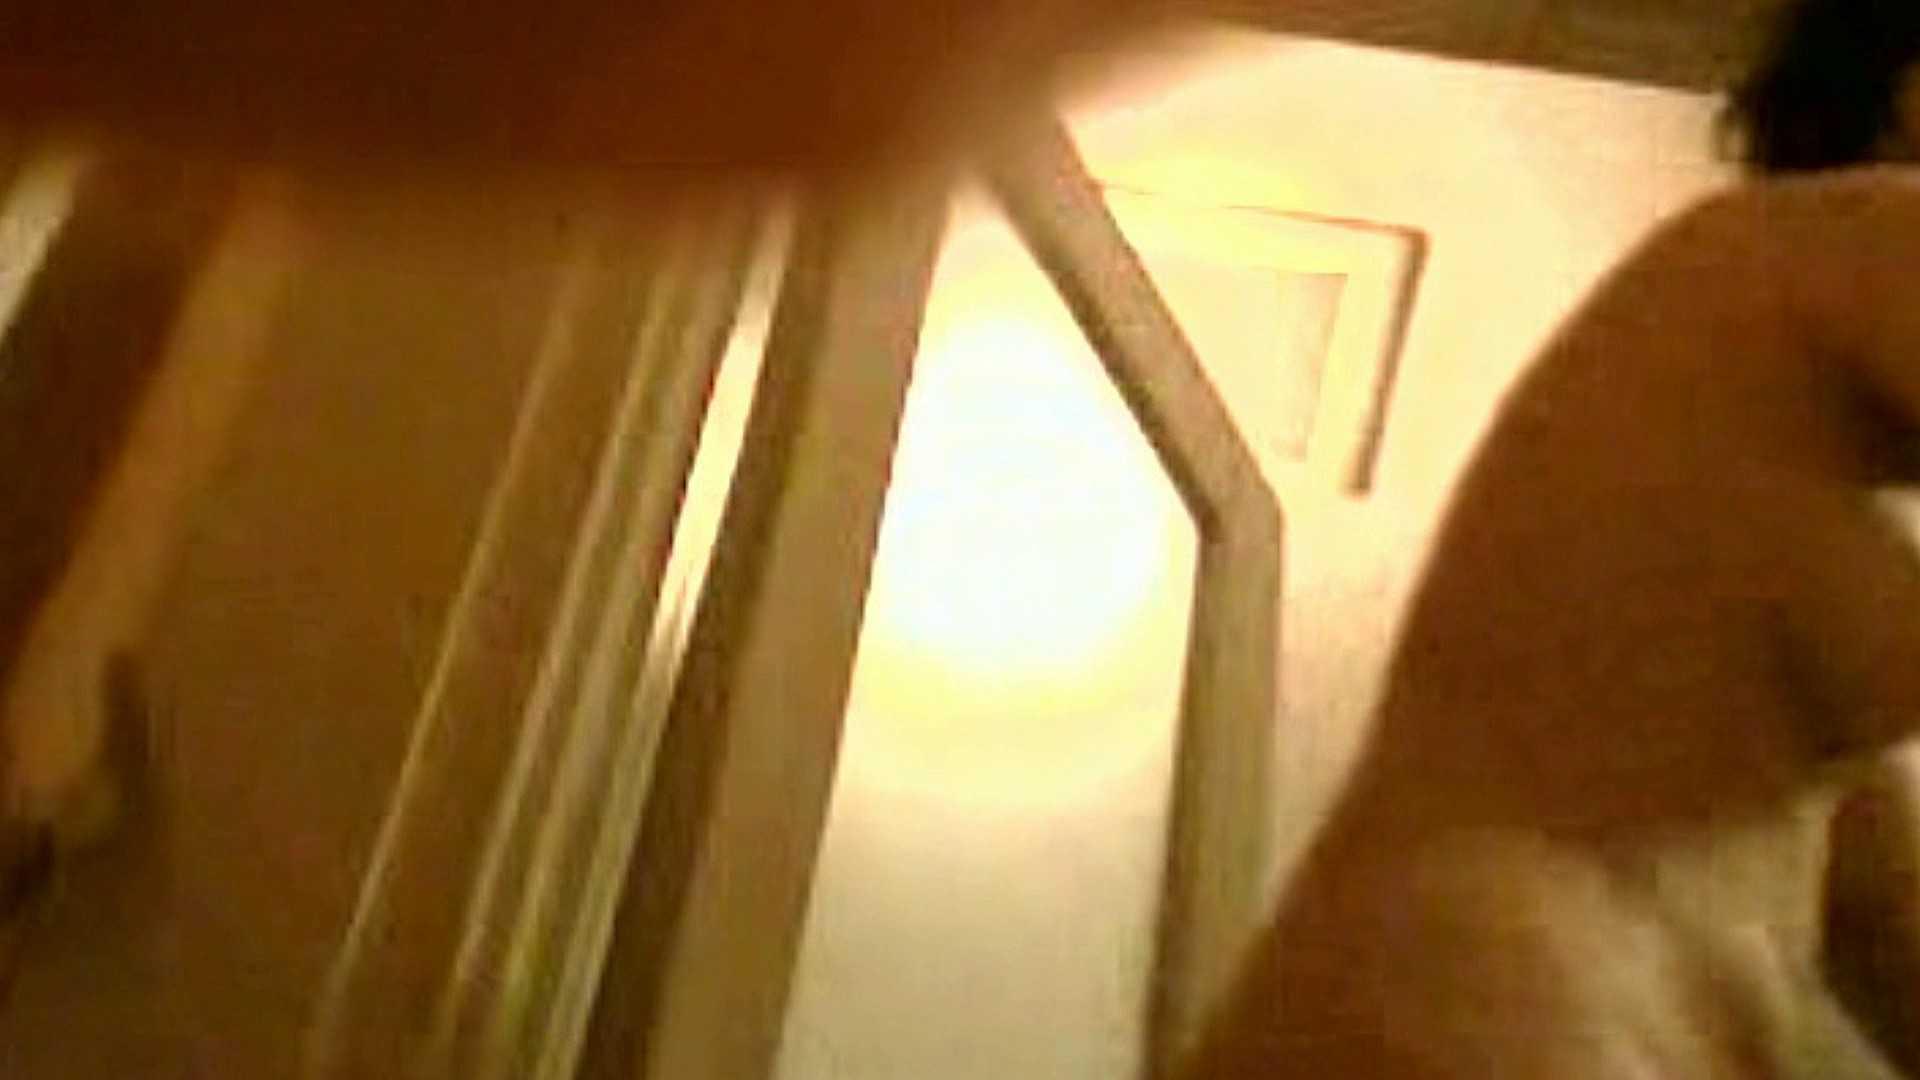 ▲復活限定D▲ややぽちゃ童顔の カナちゃん Vol.03 脱衣編 むっちりガール オマンコ無修正動画無料 96枚 39